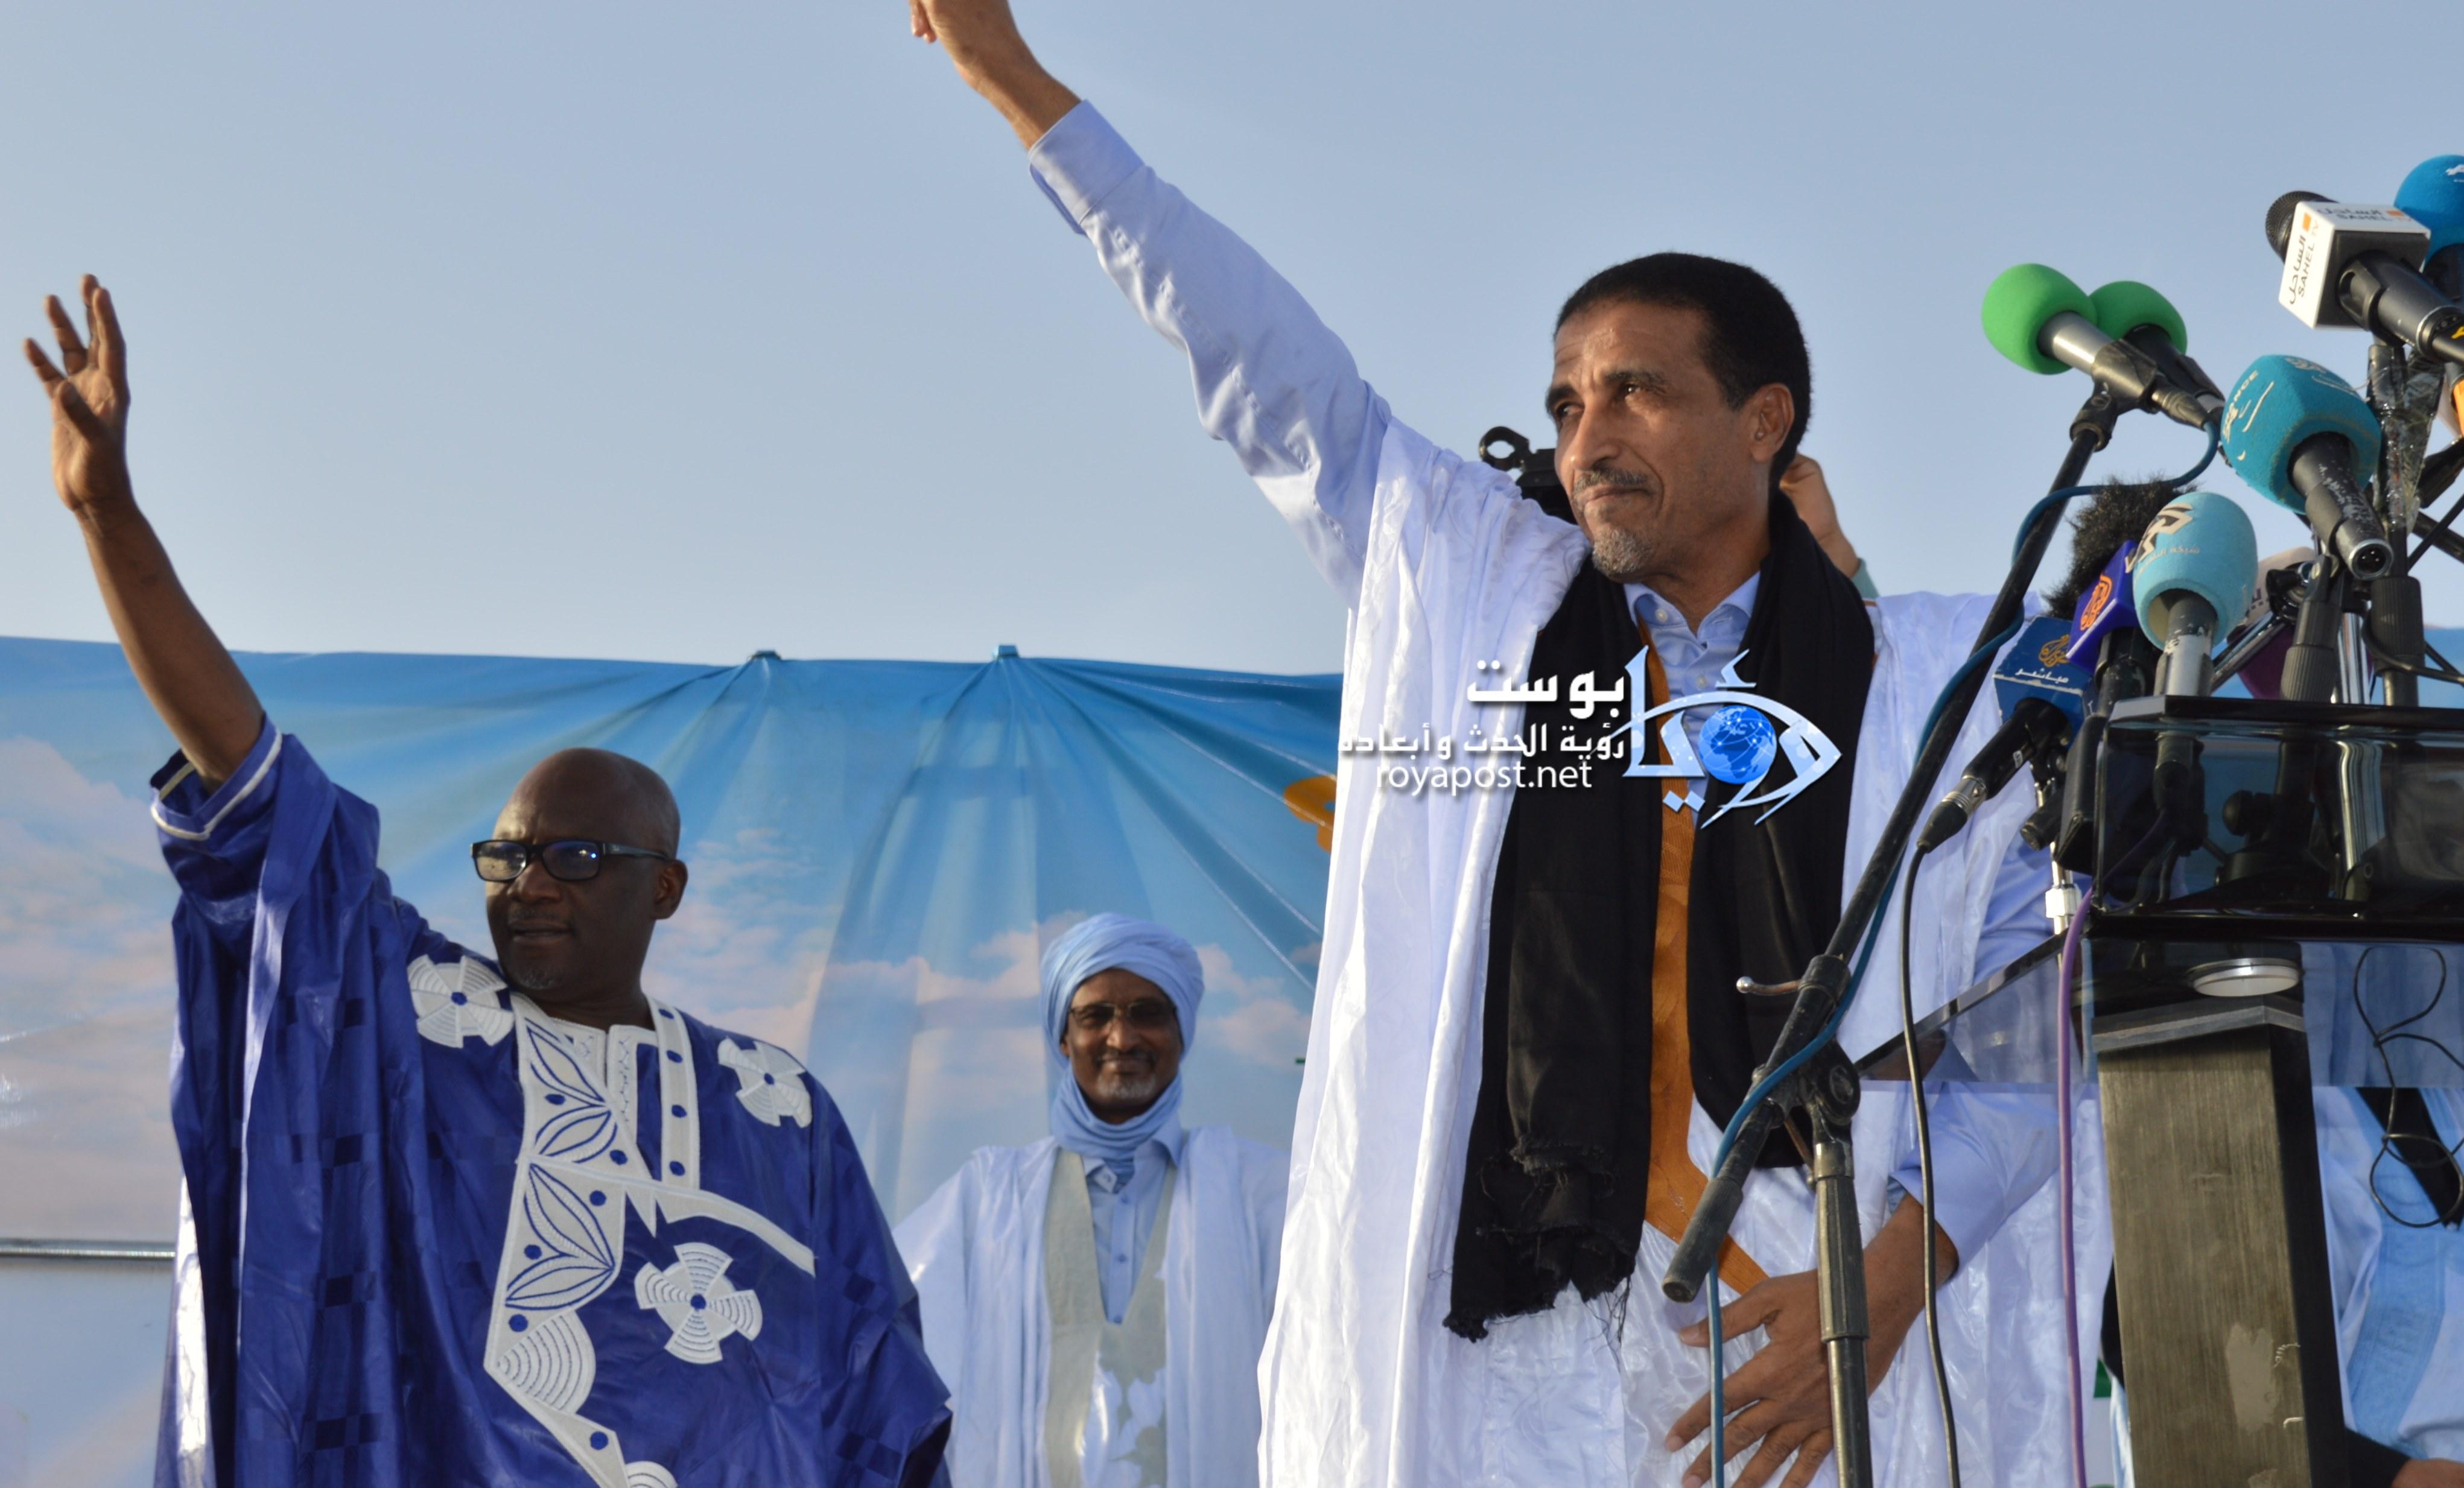 صورة زعيم حزب اليسار الموريتاني يغادر الحجر الصحي الاحترازي